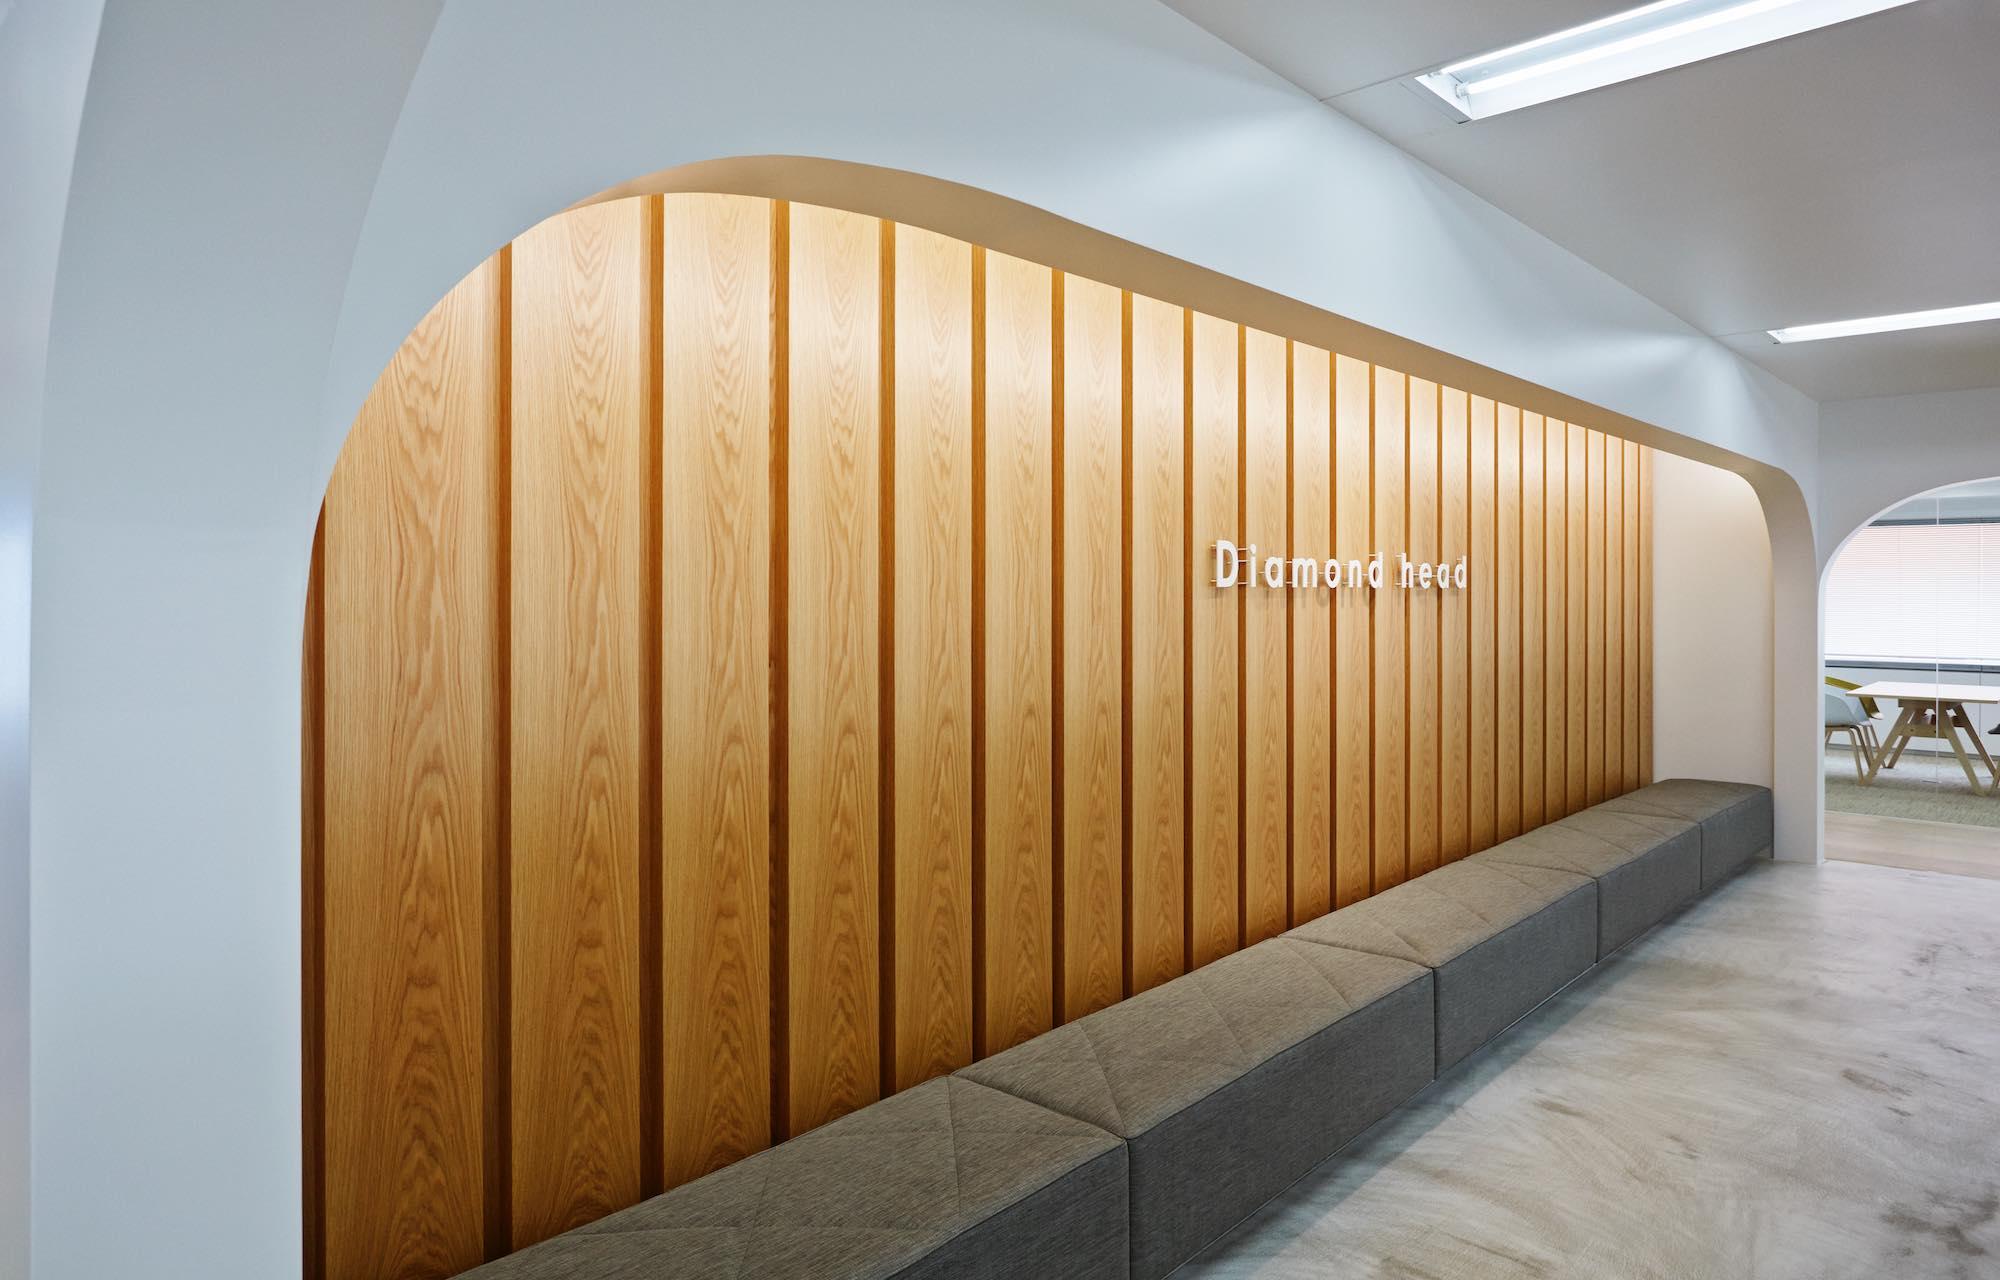 ダイアモンドヘッド株式会社 Tokyo Office Waiting Space デザイン・レイアウト事例